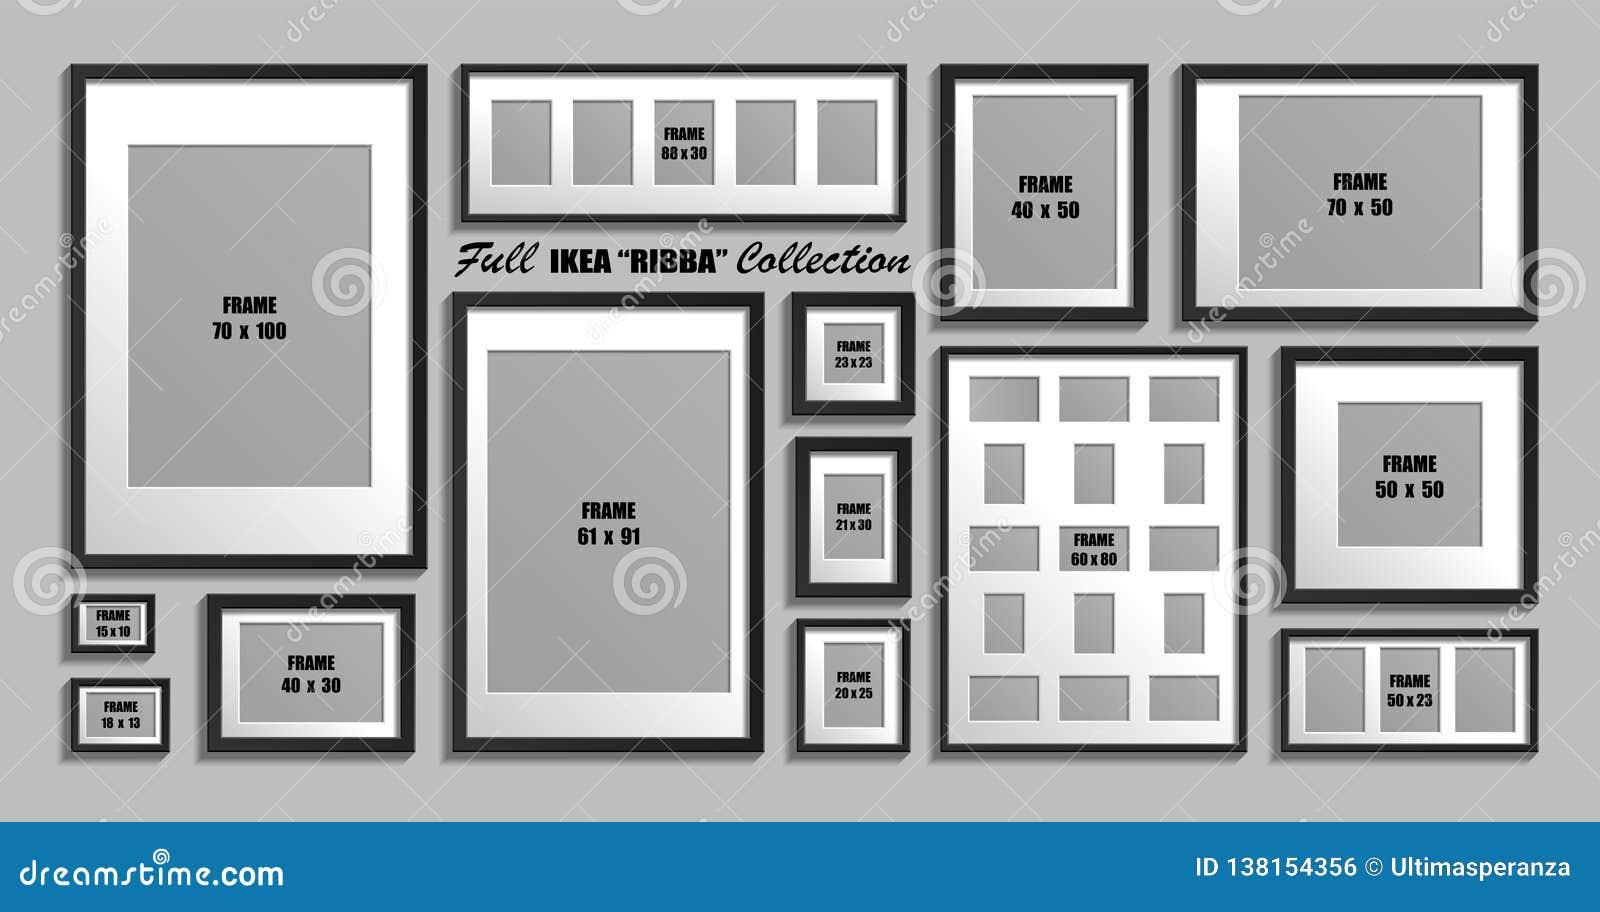 Colección completa de bastidores de la foto de IKEA Ribba Tamaños reales Sistema del vector de marcos negros con el passepartout